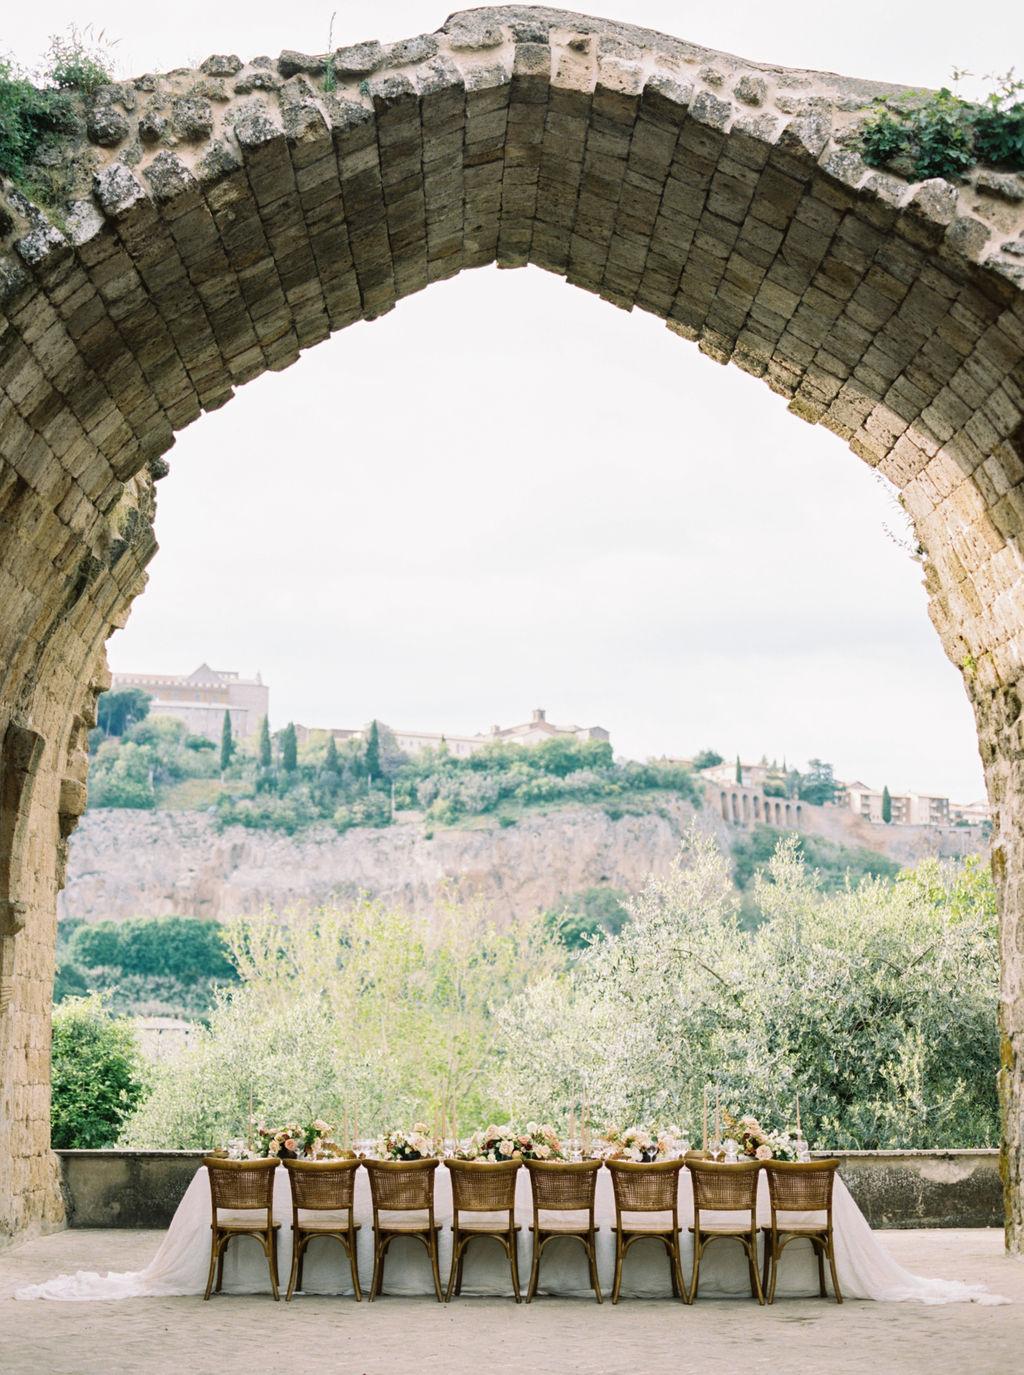 La-Badia-Di-Orvieto-Krmorenophoto.jpg-139.jpg